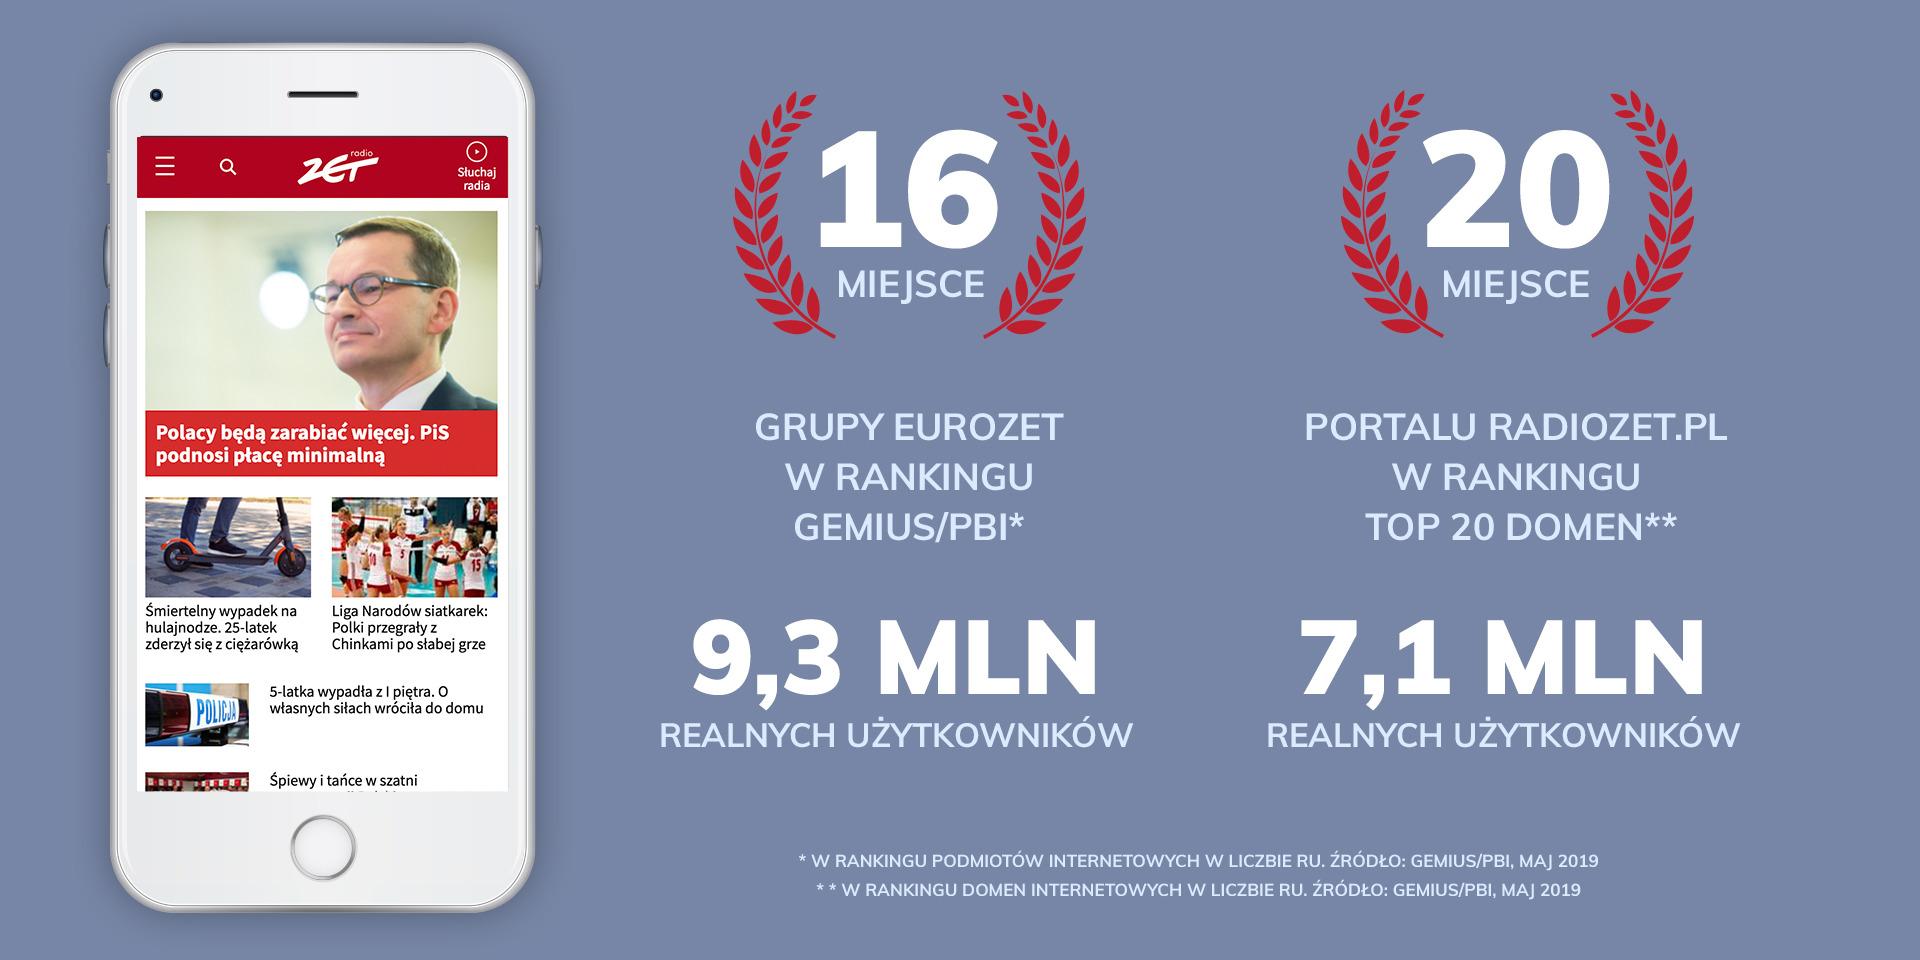 Radiozet.pl w TOP 20 domen